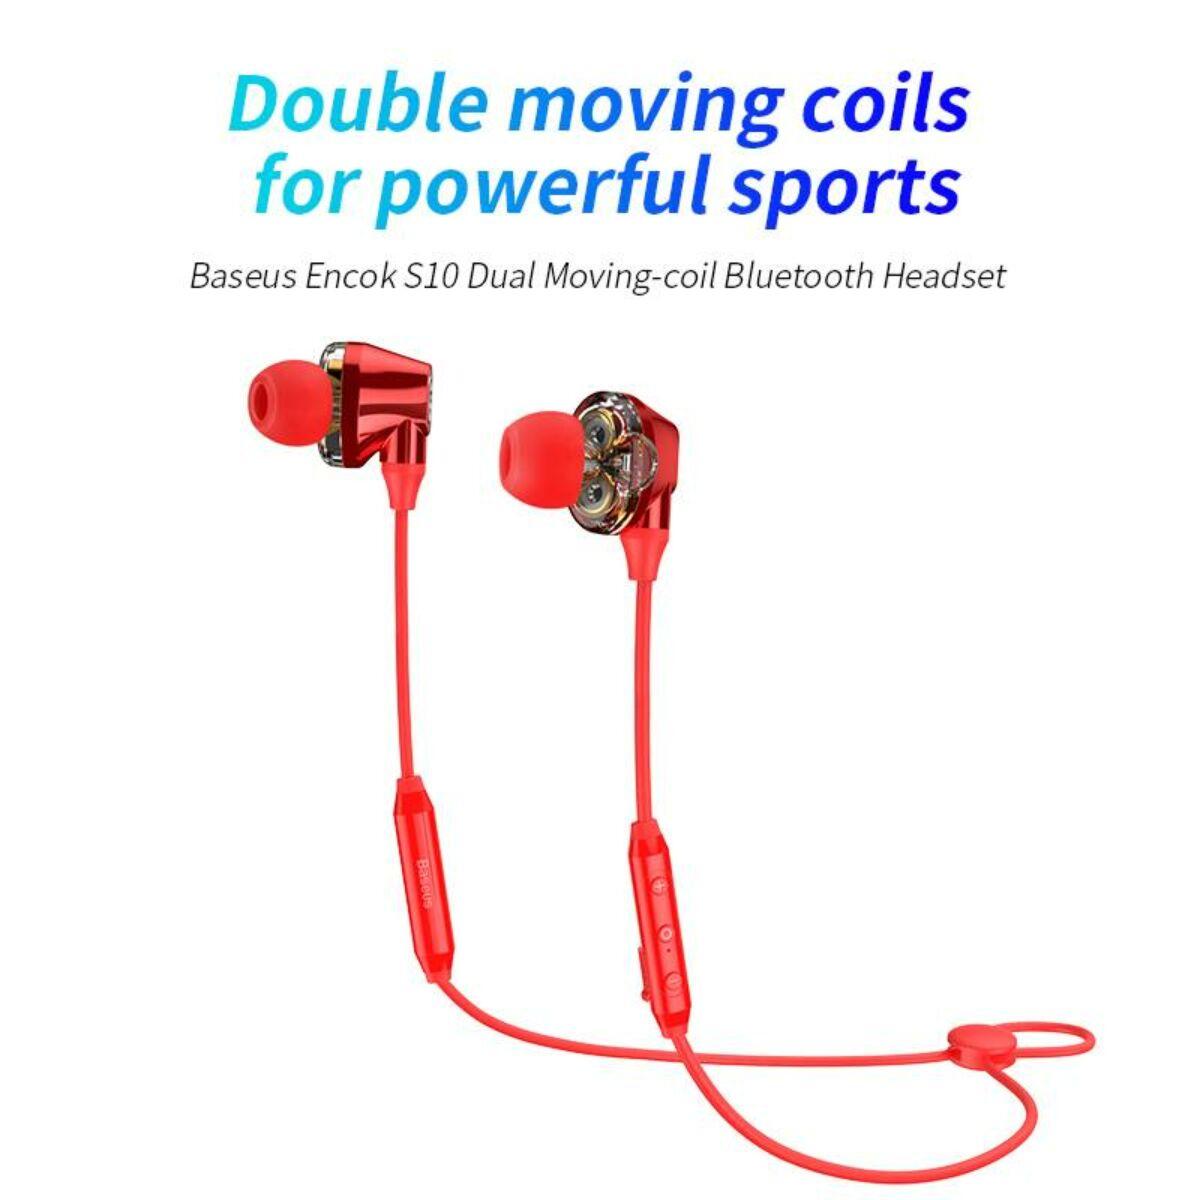 Baseus fülhallgató, Bluetooth Encok S10 Dual Moving-Coil vezeték nélküli headset, vezérlővel, piros (NGS10-09)